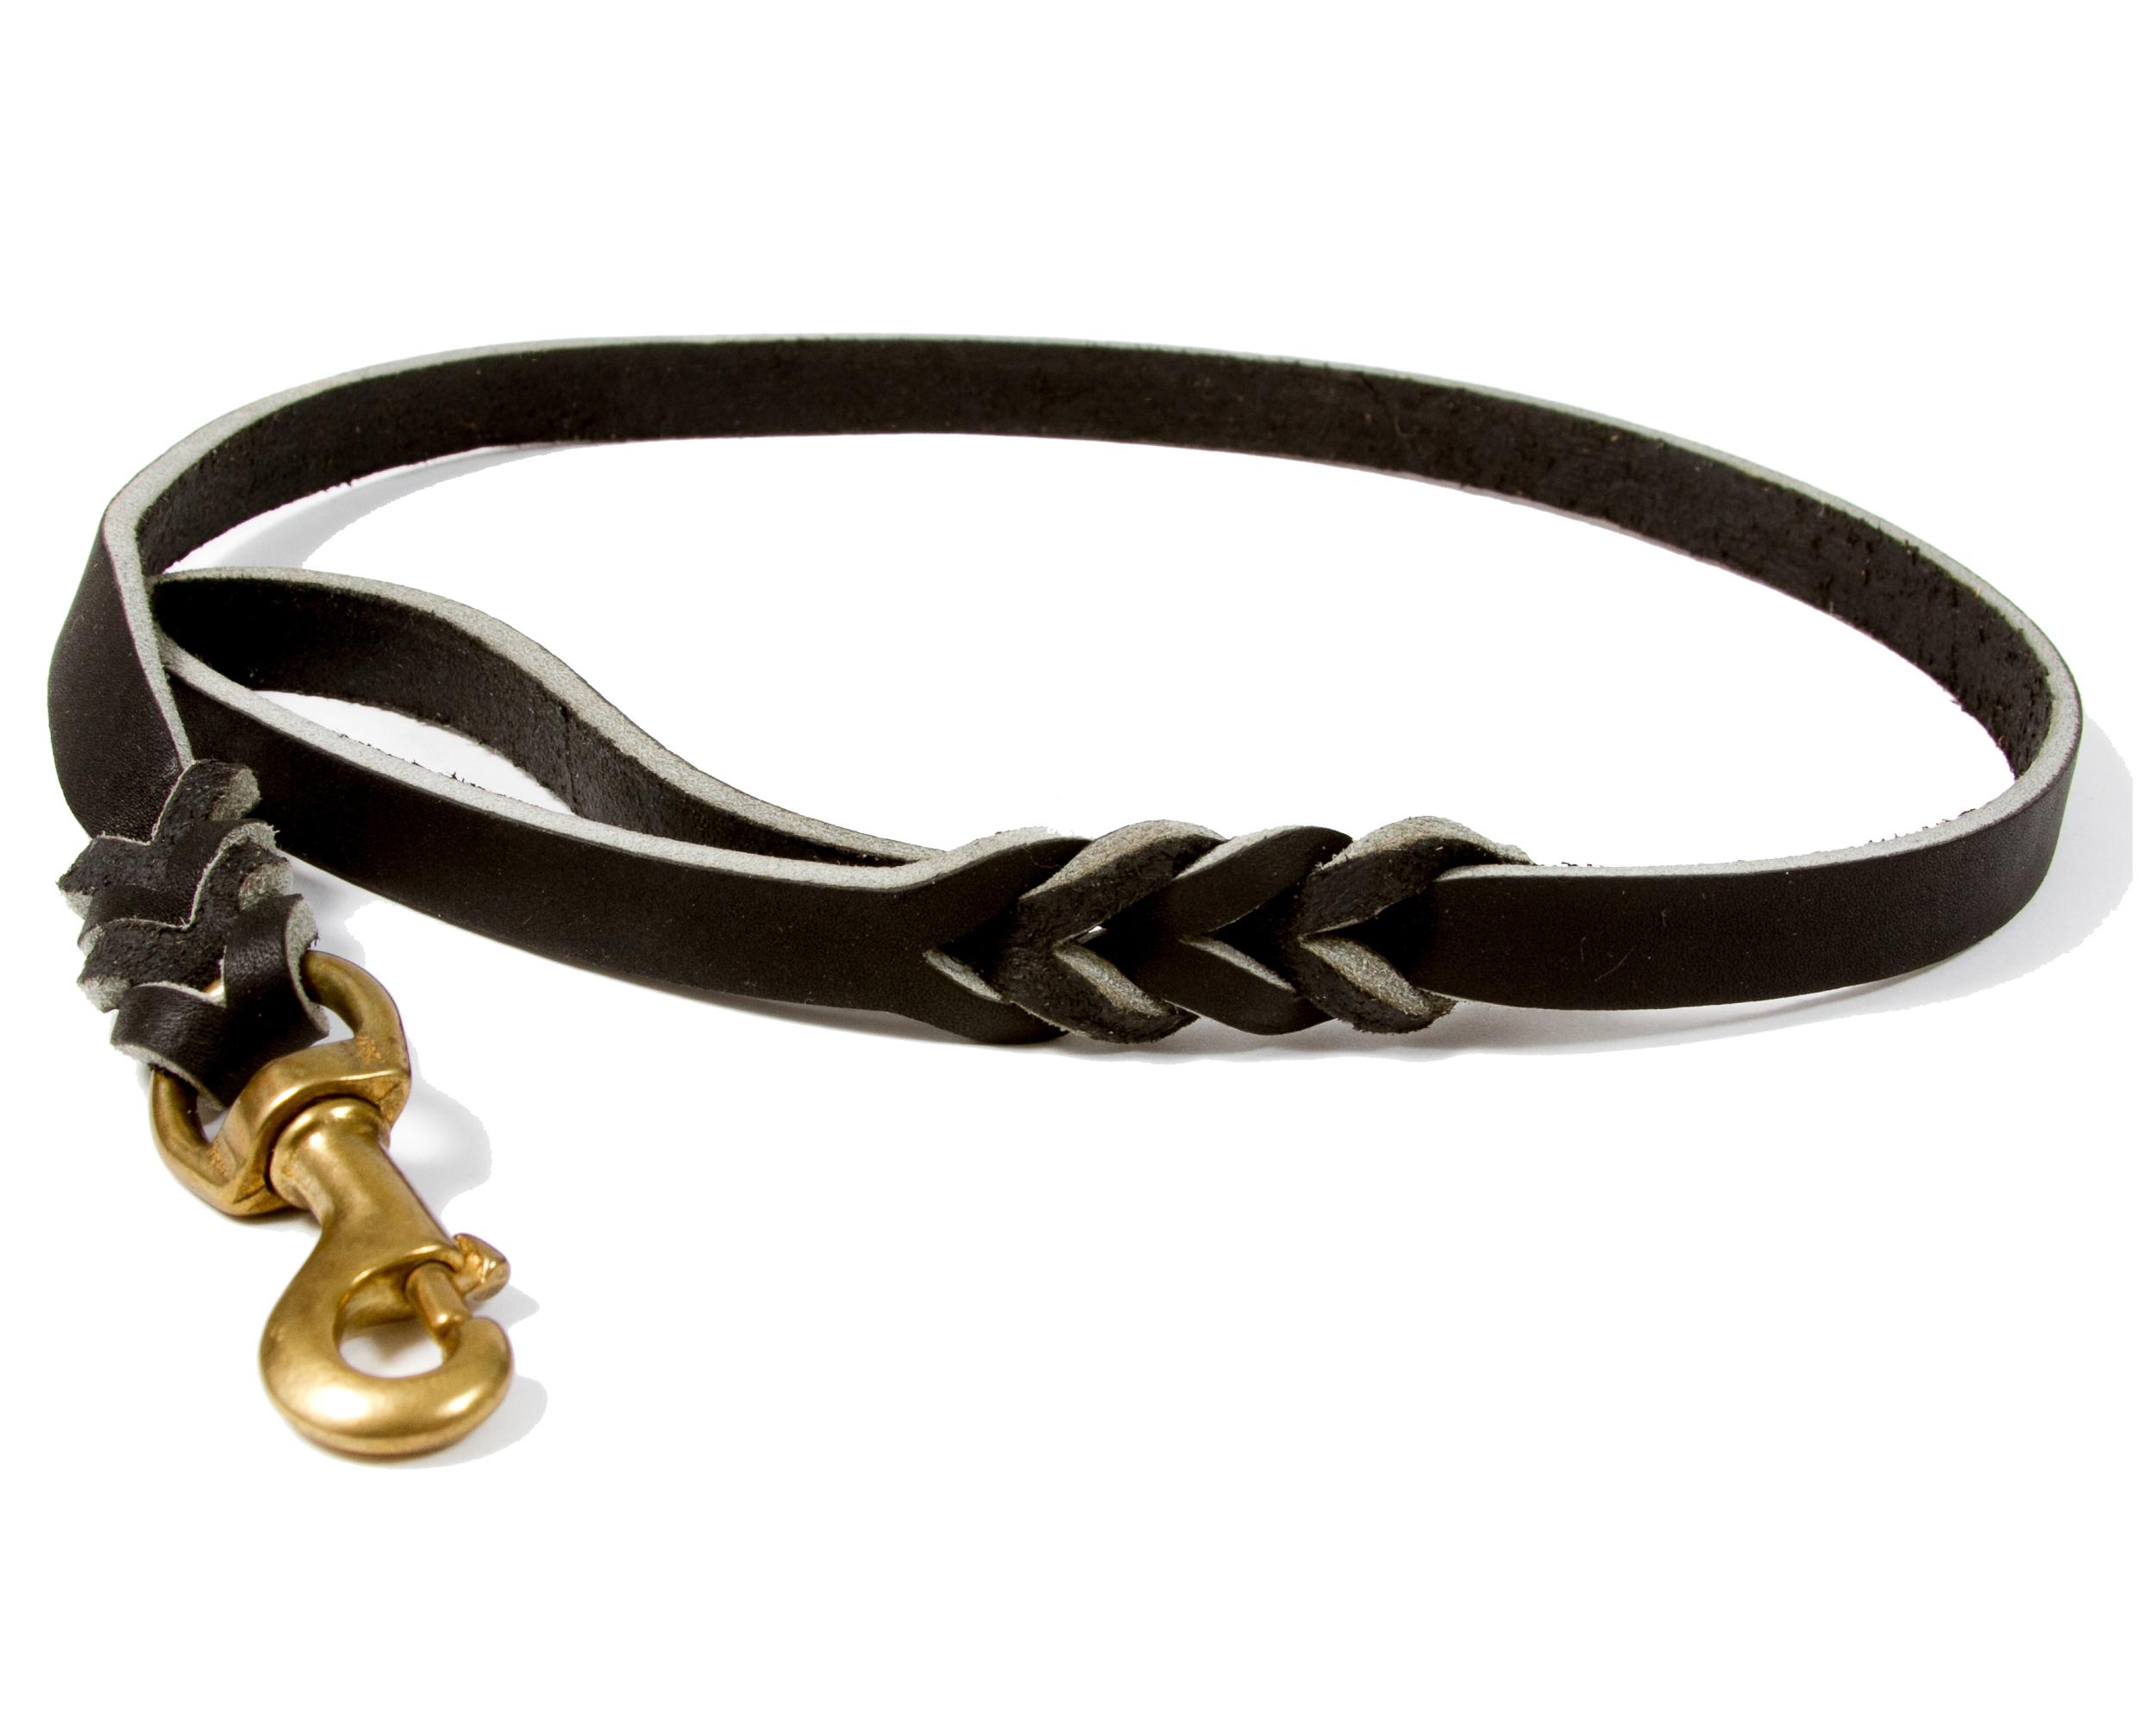 Lesa din piele cu dimensiunile de 18 X 100 mm , cu carabina din alama , culoare neagra sau maro, XA181012